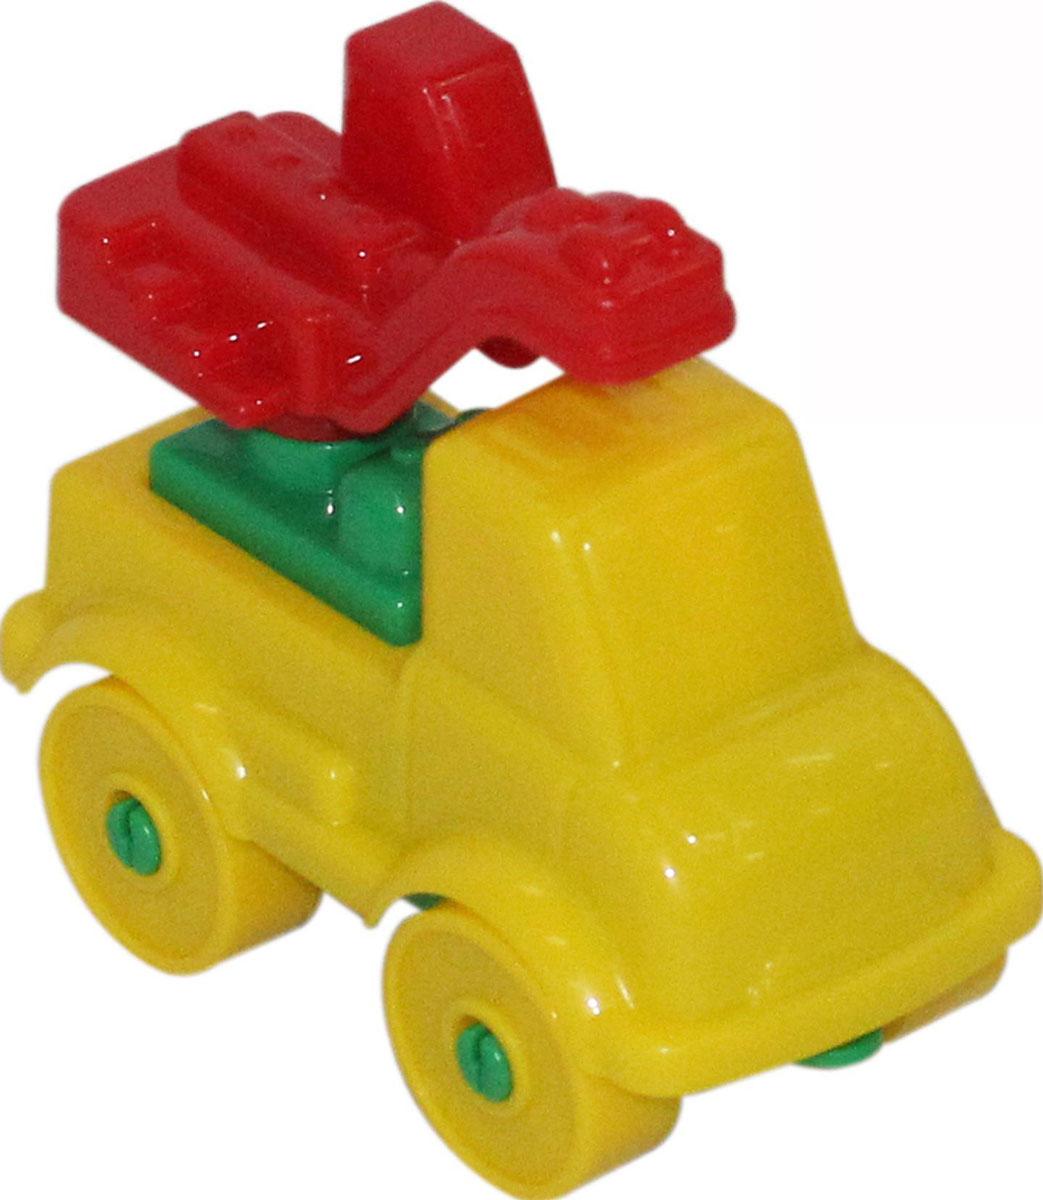 Полесье Конструктор Юный путешественник Автомобиль-кран полесье конструктор автомобиль легковой с прицепом